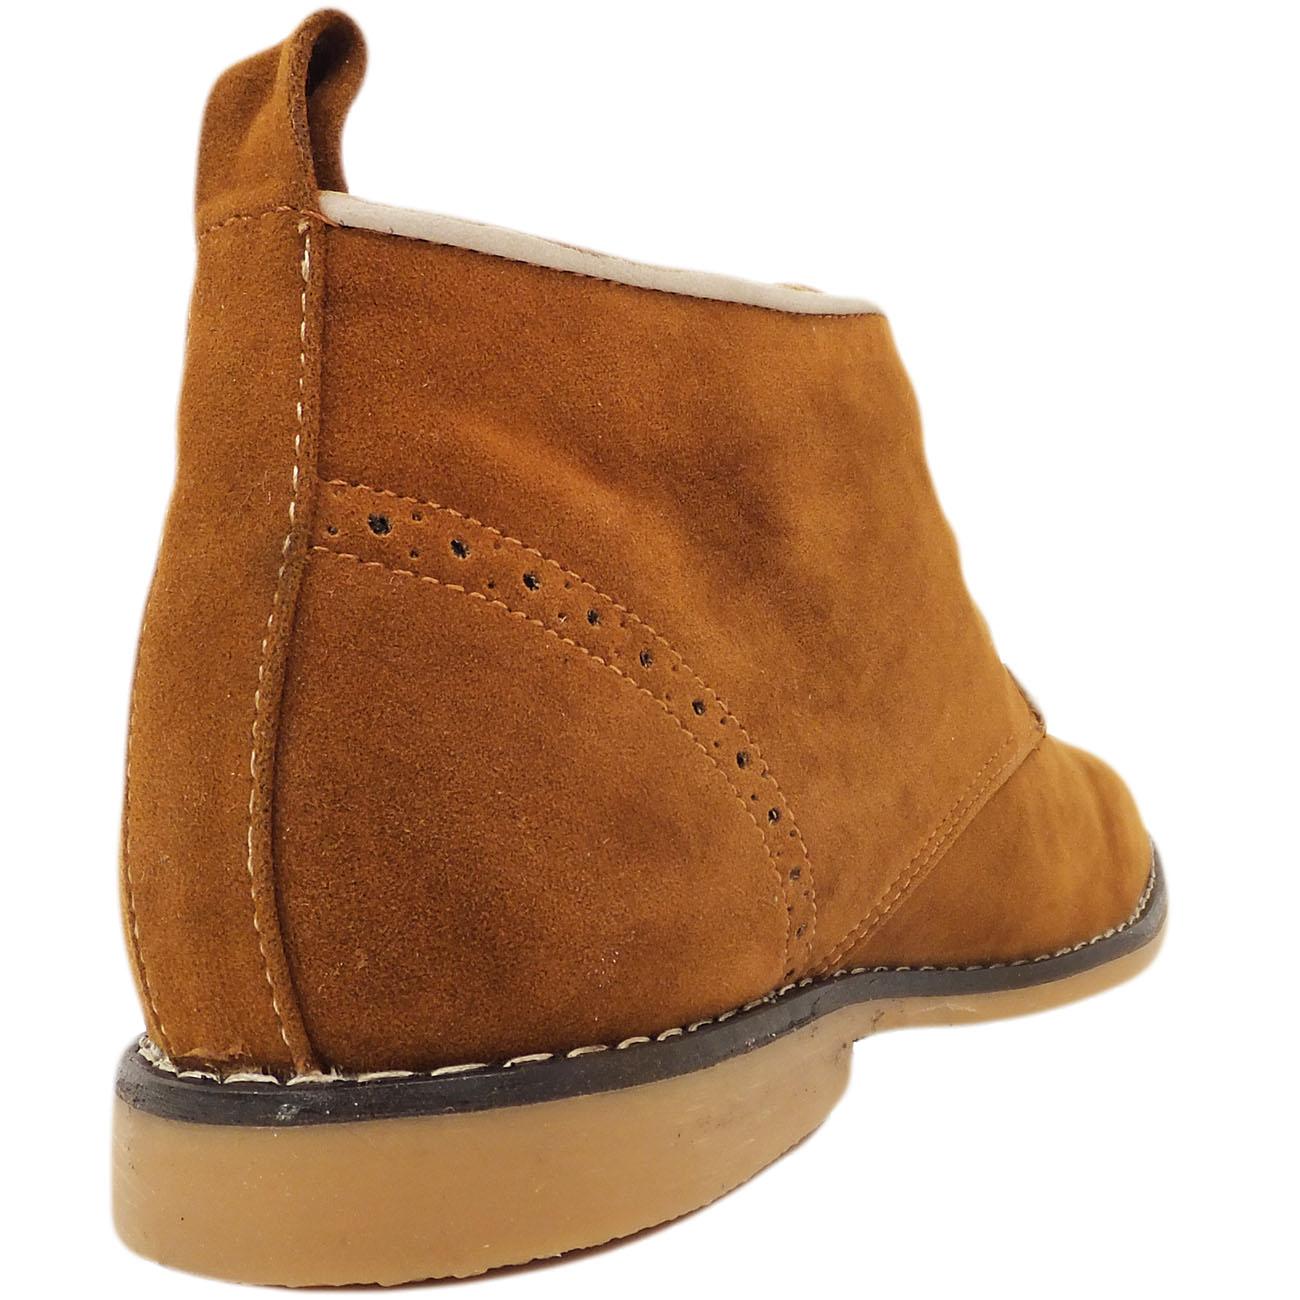 voeut desert boot lace up shoe footwear mr h menswear